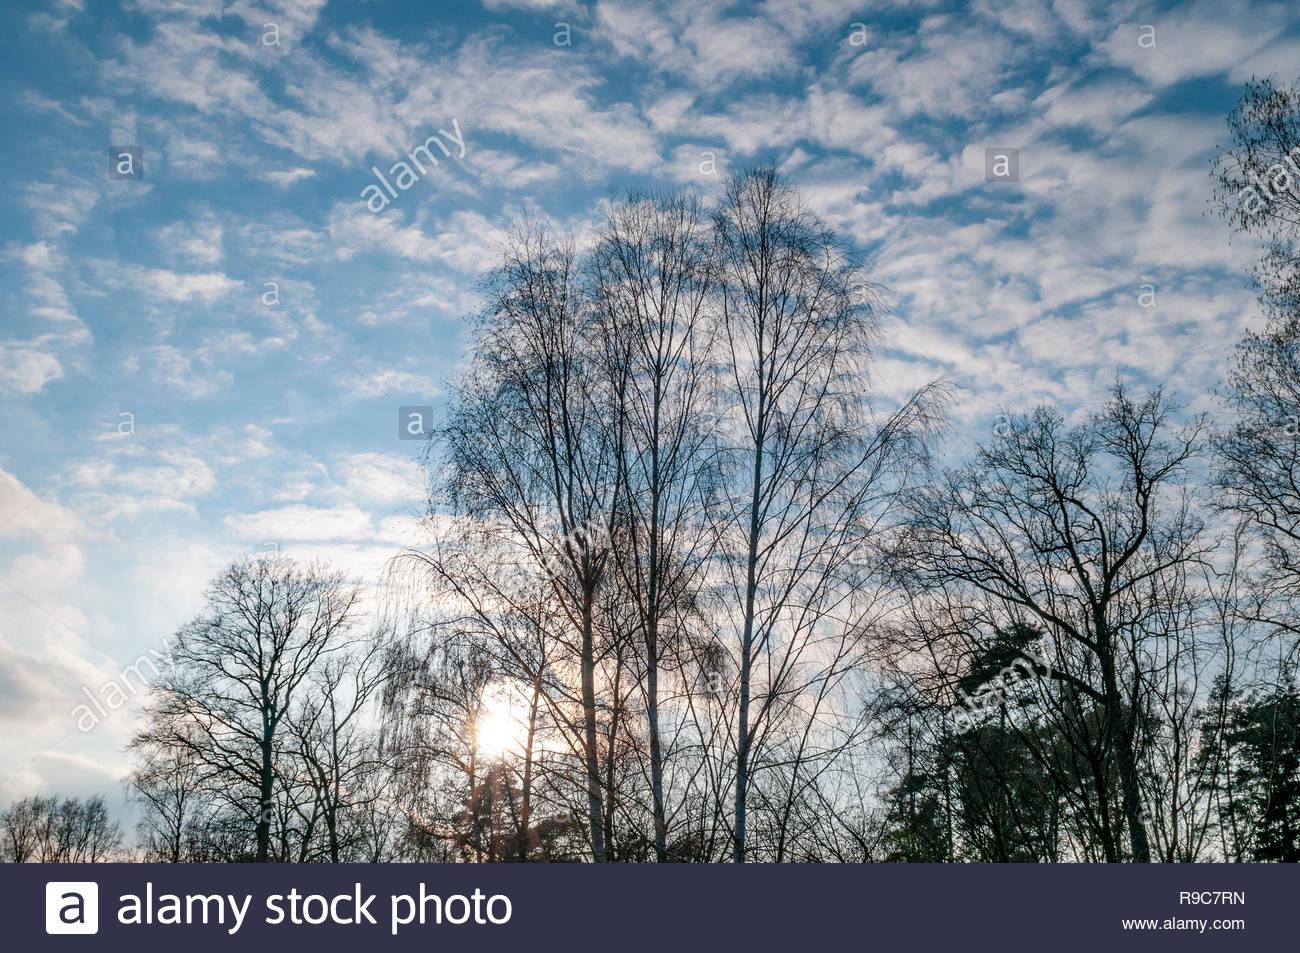 Streifen aus Mischwald unter blauem Himmel im Gegenlicht am Rande eines Feldes. - Stock Image